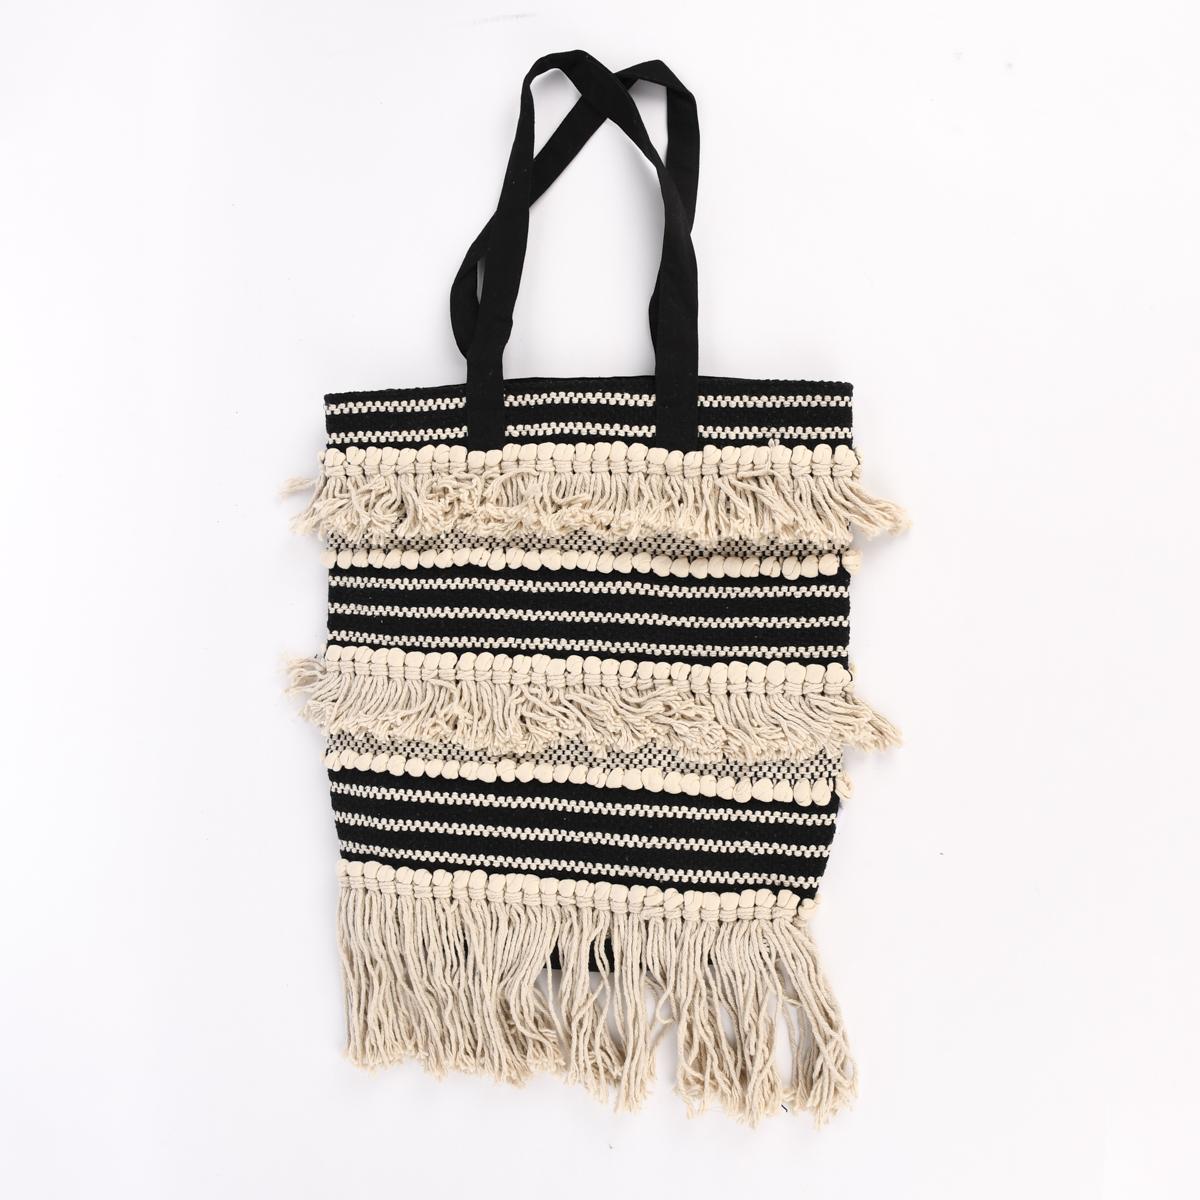 Tasche Boho Chic Fransen natur schwarz 38x42x10cm